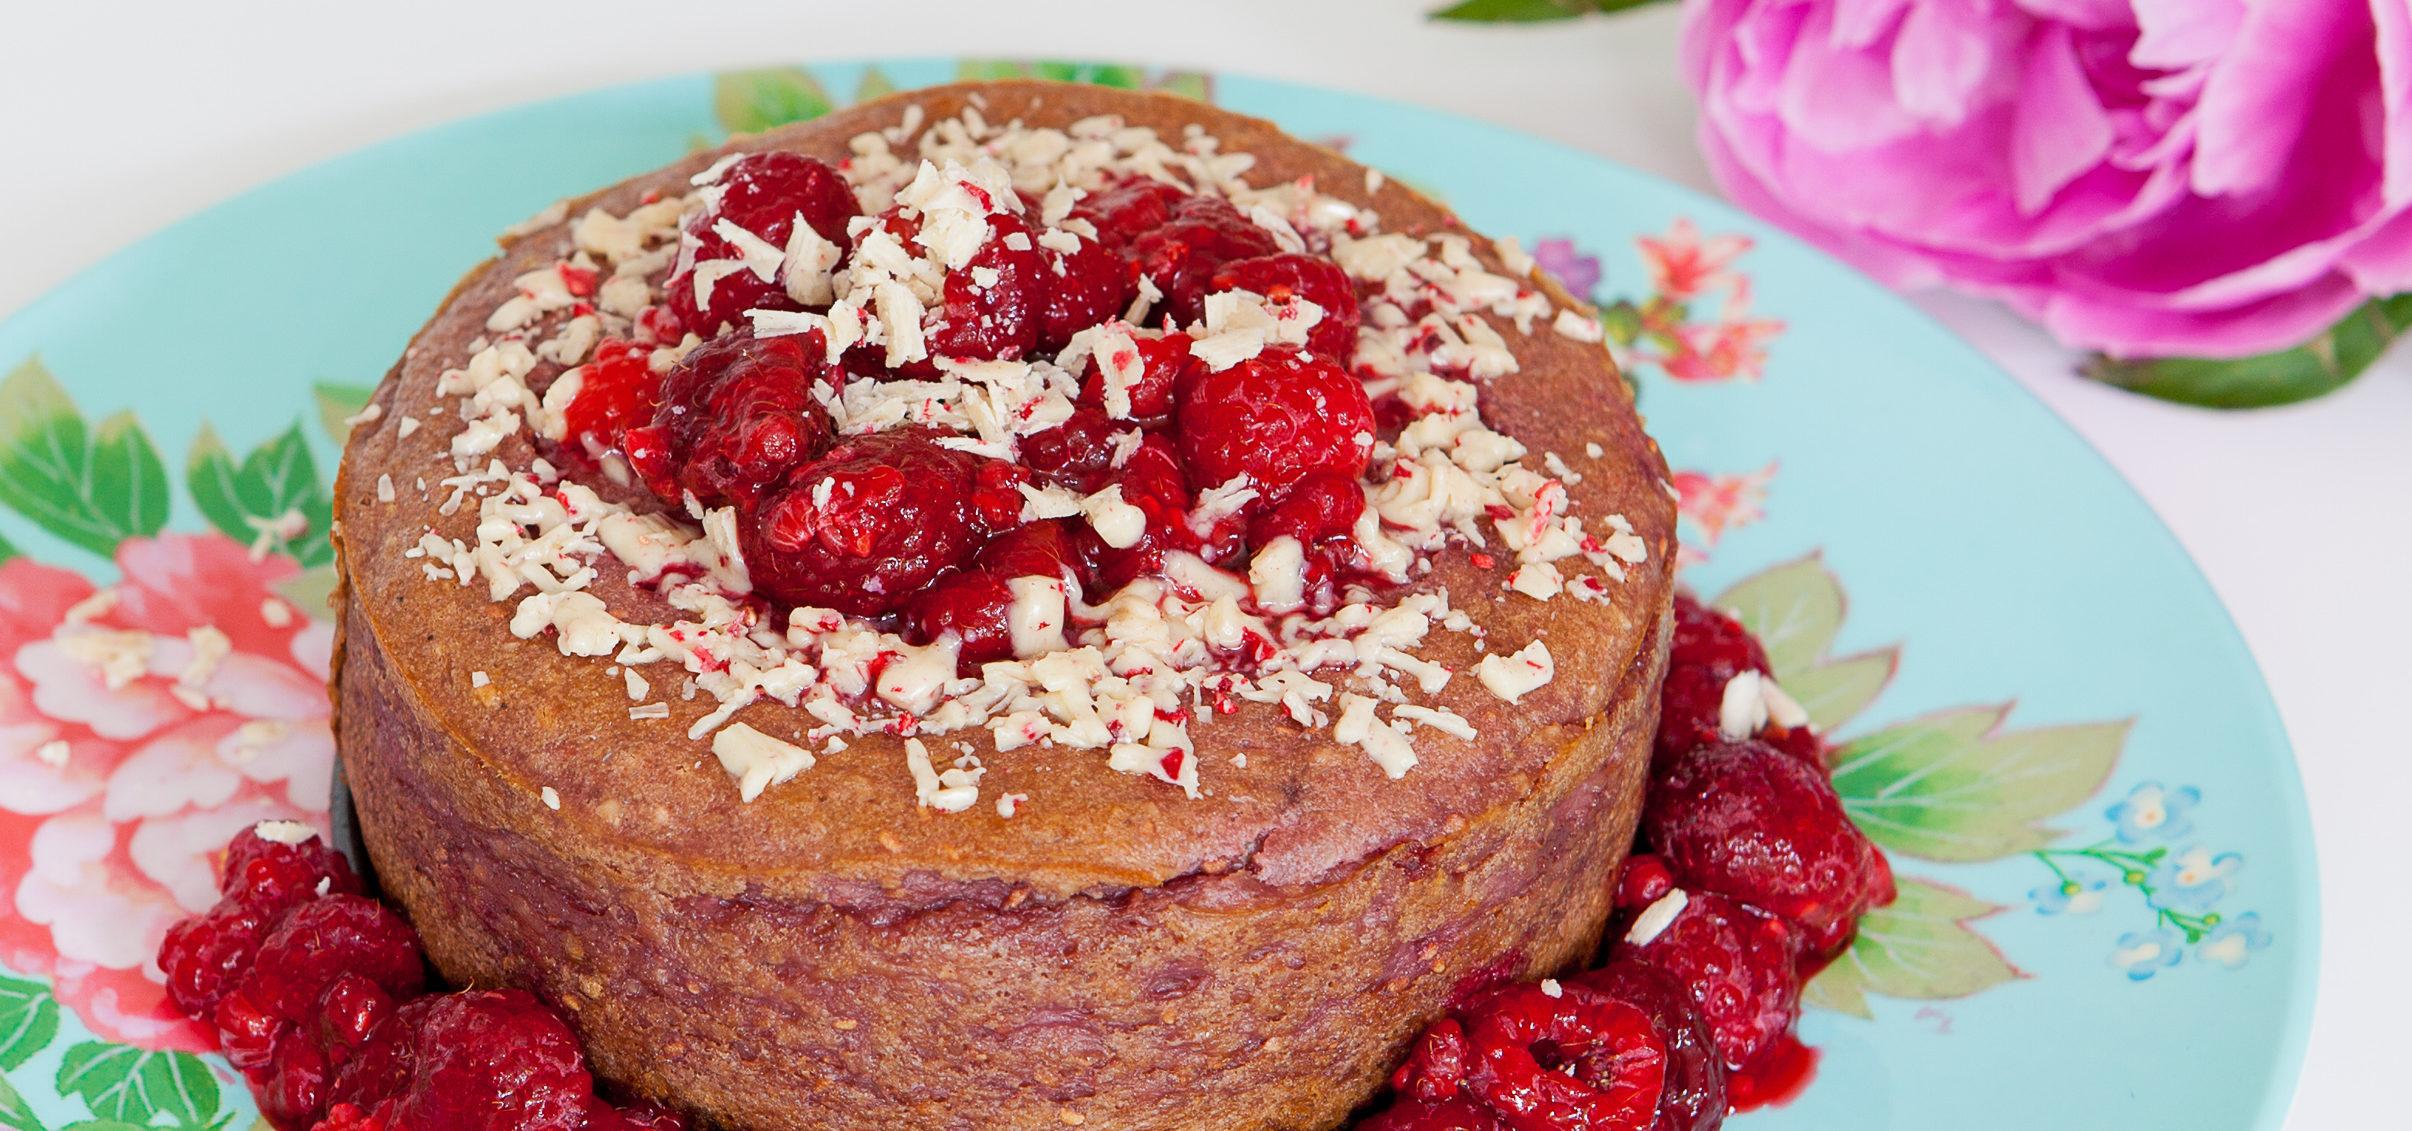 Cheesecake met frambozen